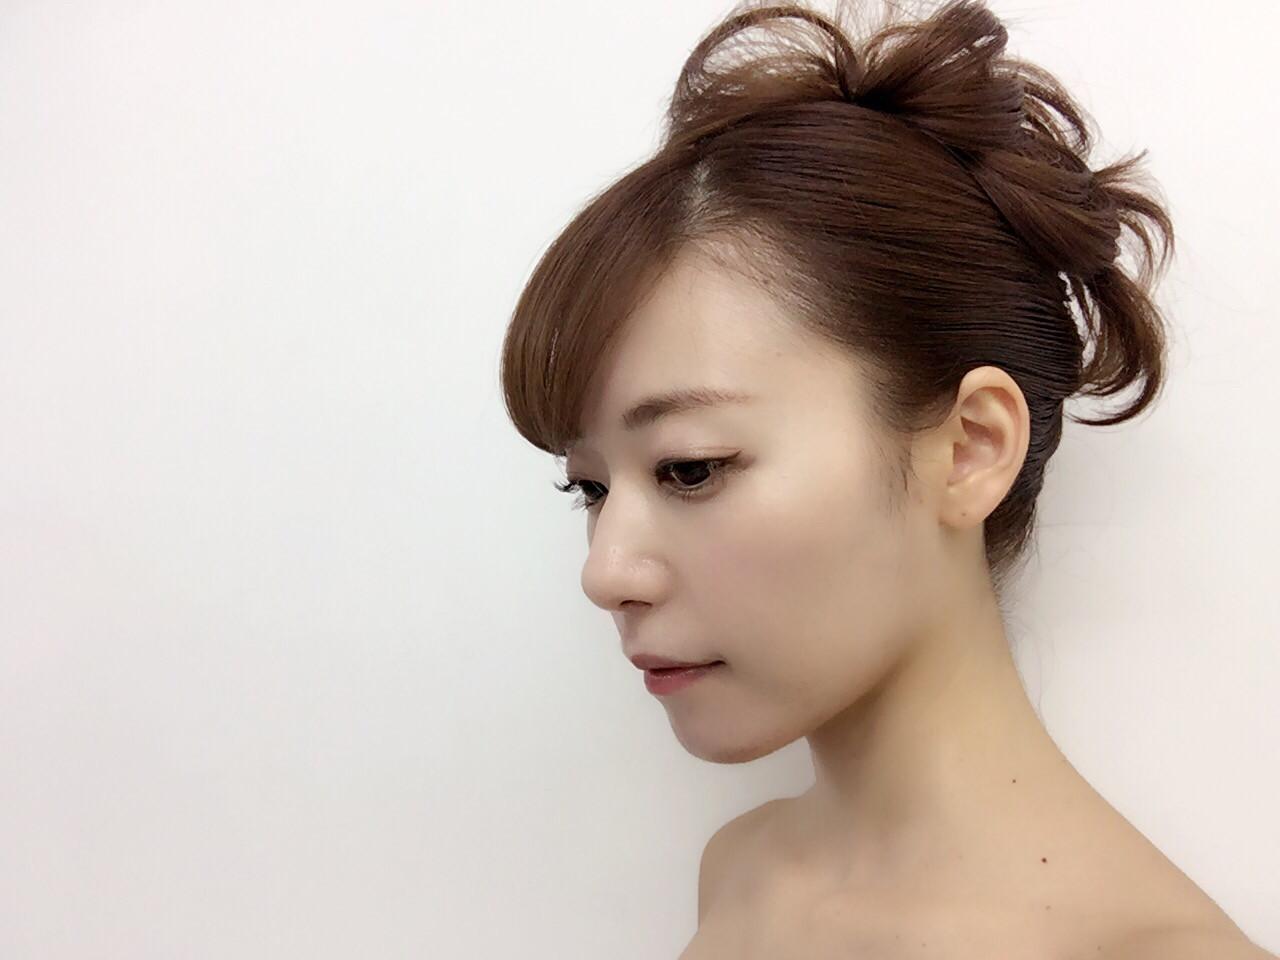 ロング 大人女子 夜会巻 モード ヘアスタイルや髪型の写真・画像 | yoko kog /